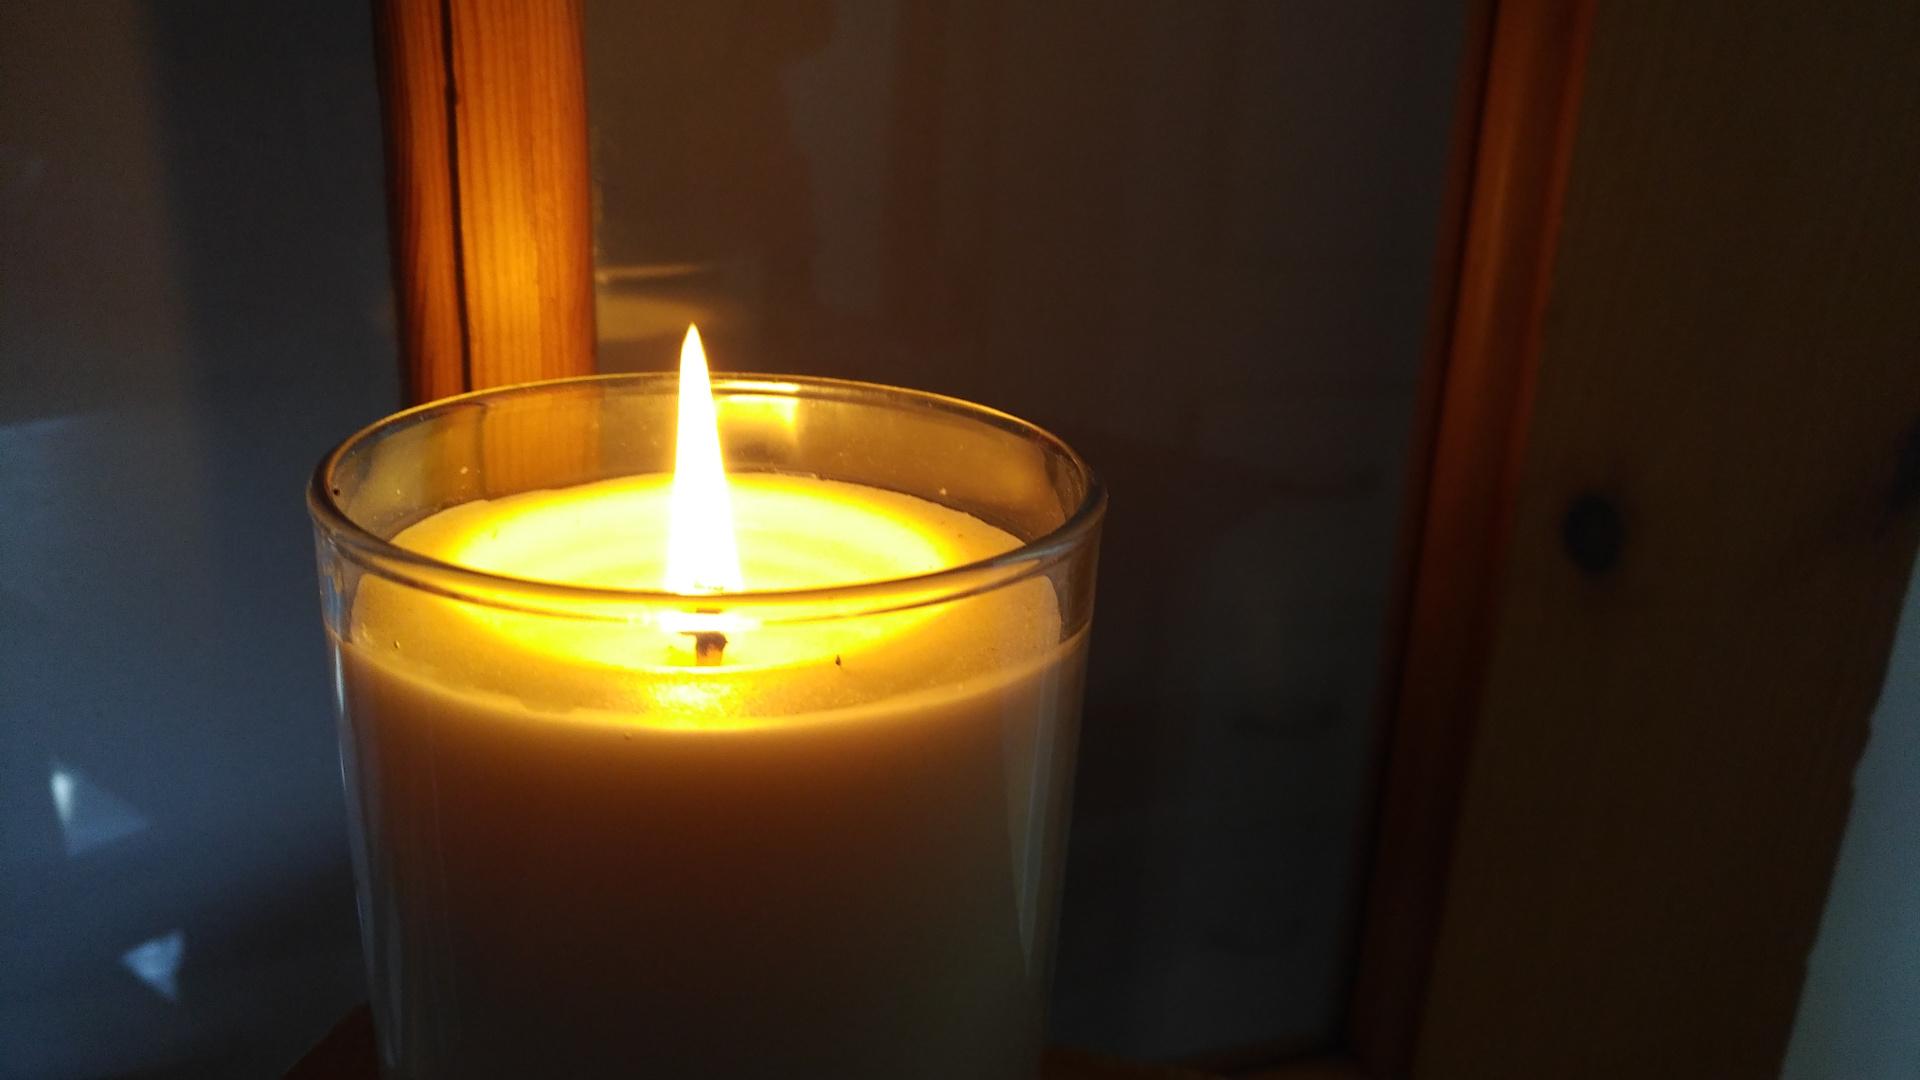 Evening Prayer Tonight